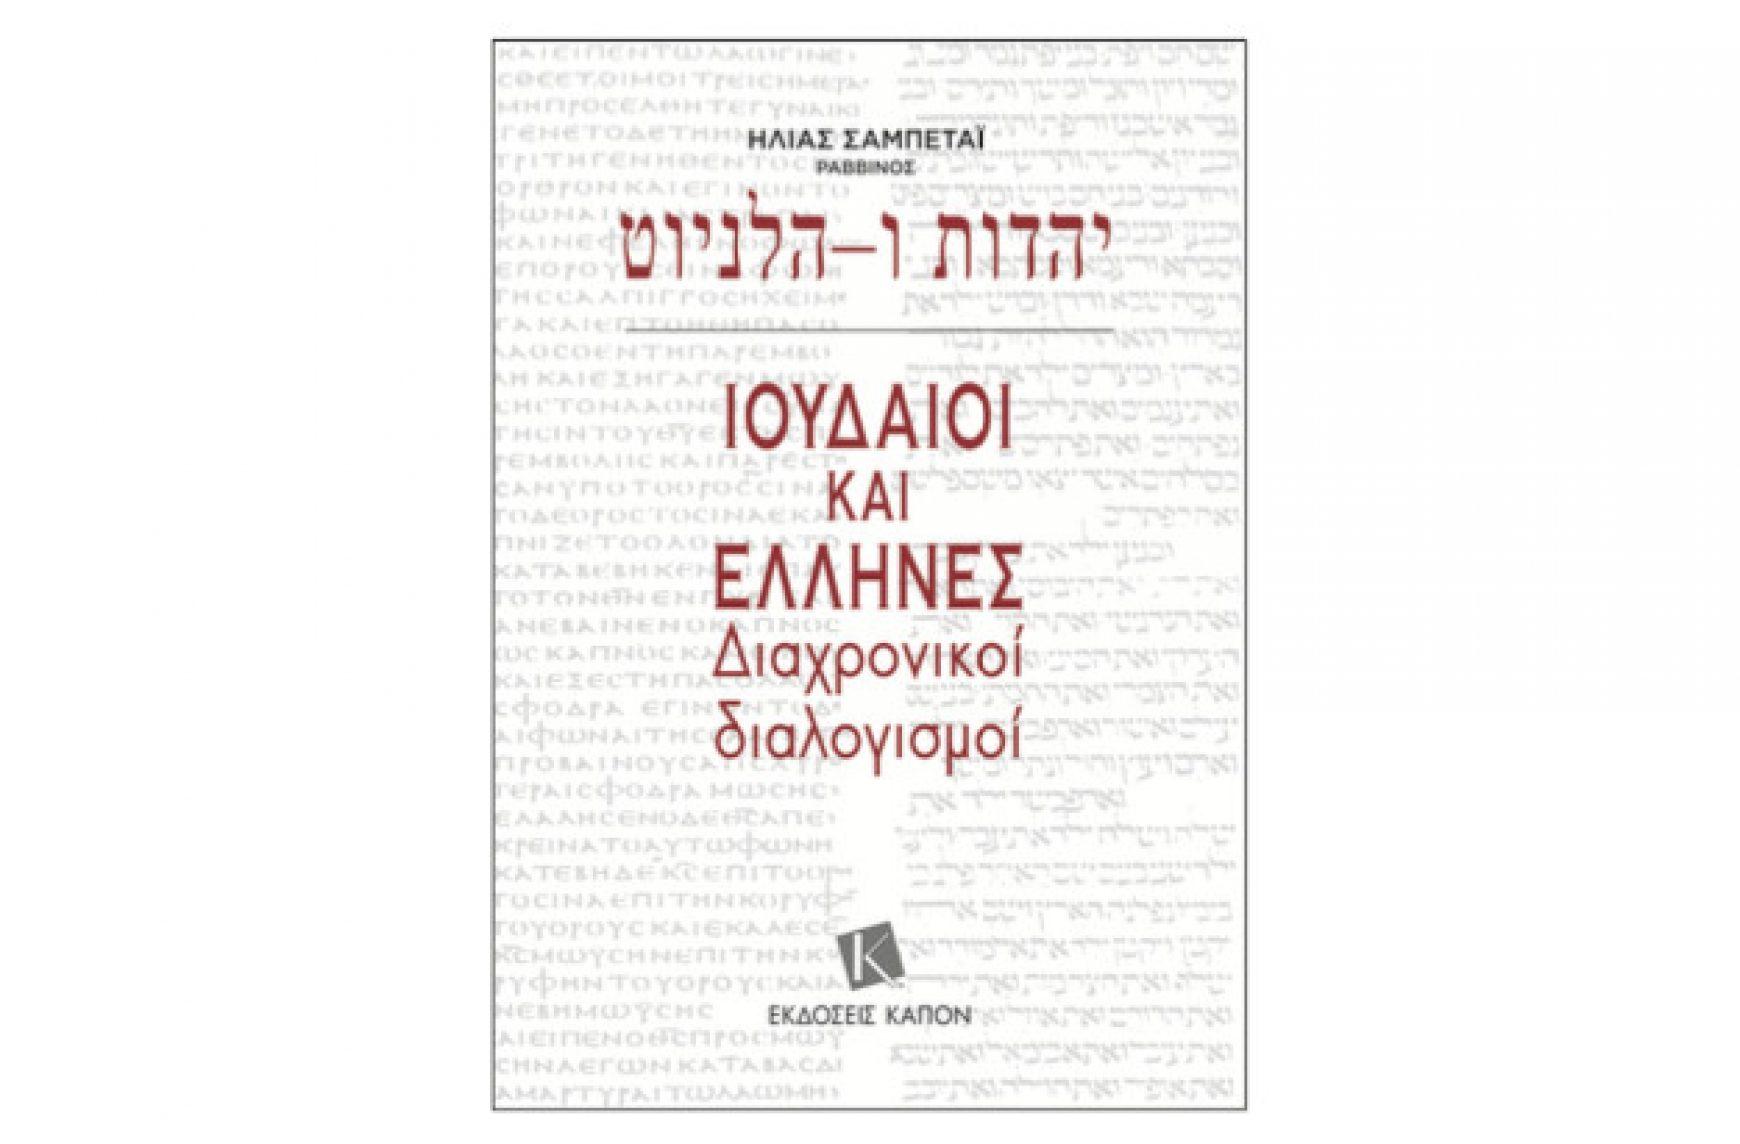 ΗΛΙΑΣ ΣΑΜΠΕΤΑΪ: ΙΟΥΔΑΙΟI ΚΑΙ ΕΛΛΗΝΕΣ ΔΙΑΧΡΟΝΙΚΟΙ ΔΙΑΛΟΓΙΣΜΟΙ (βιβλιοπαρουσίαση)